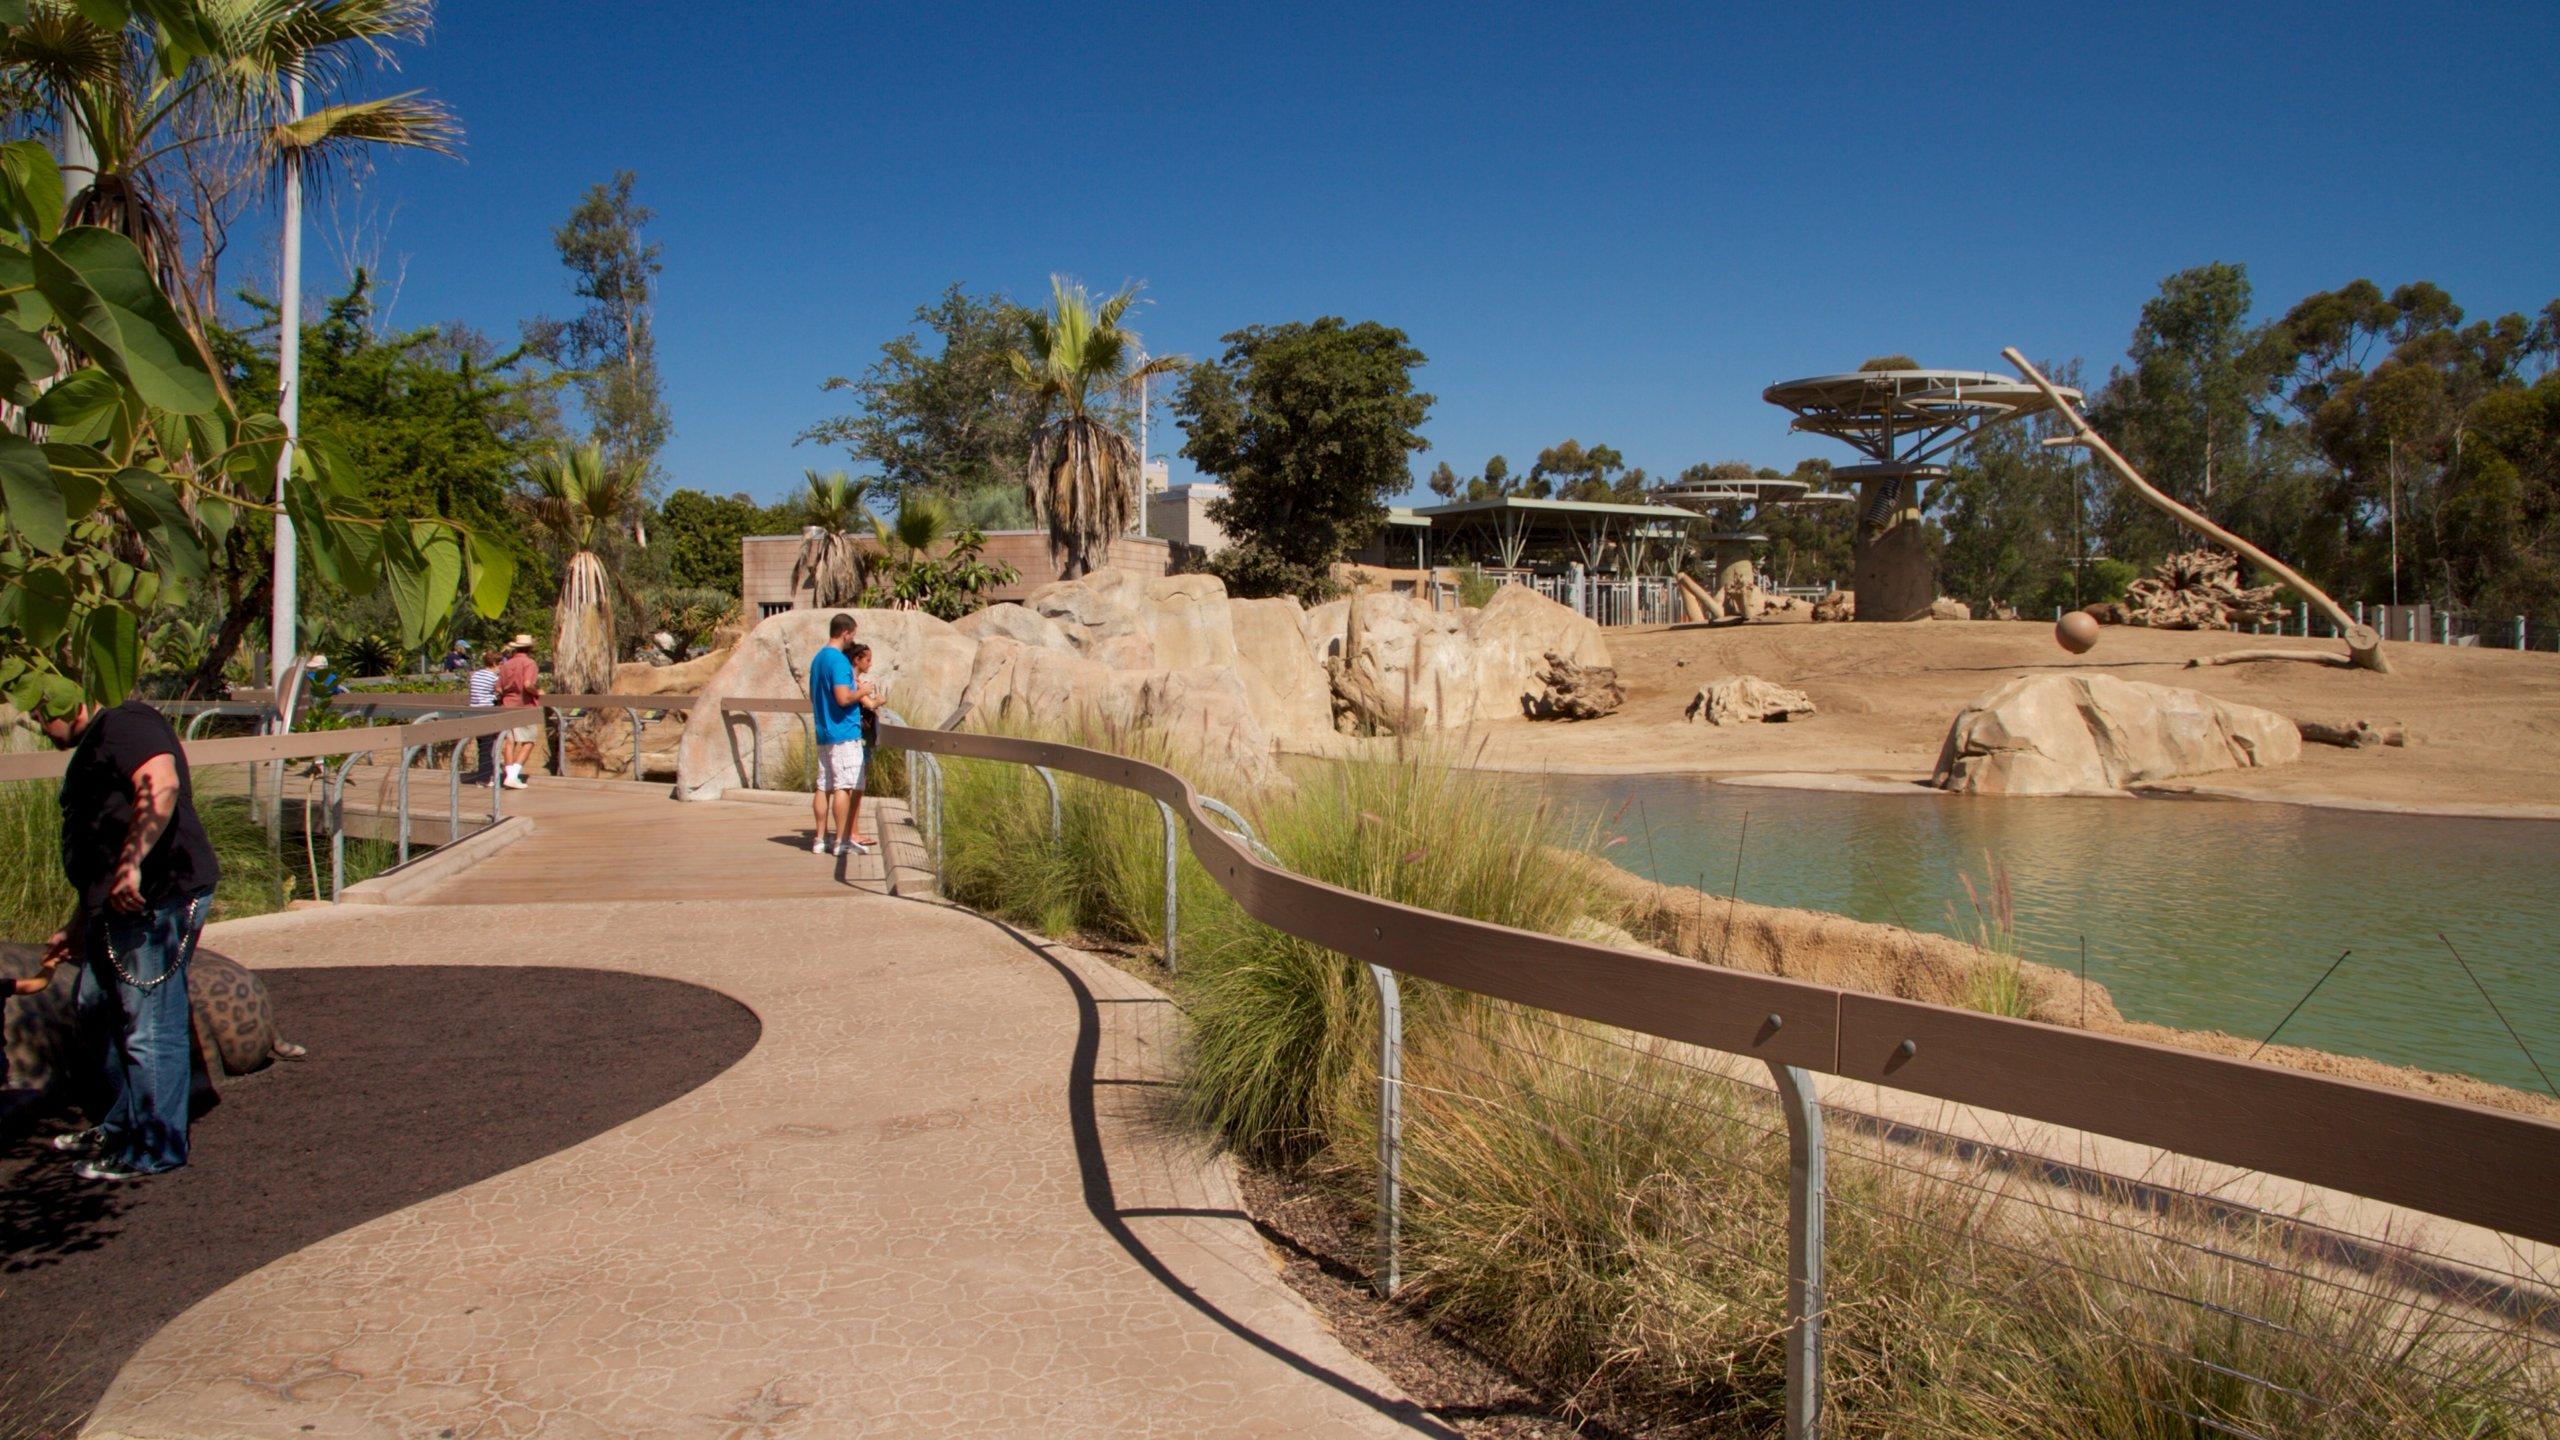 Entre em contato com a natureza em um dos maiores e mais educativos zoológicos do país.